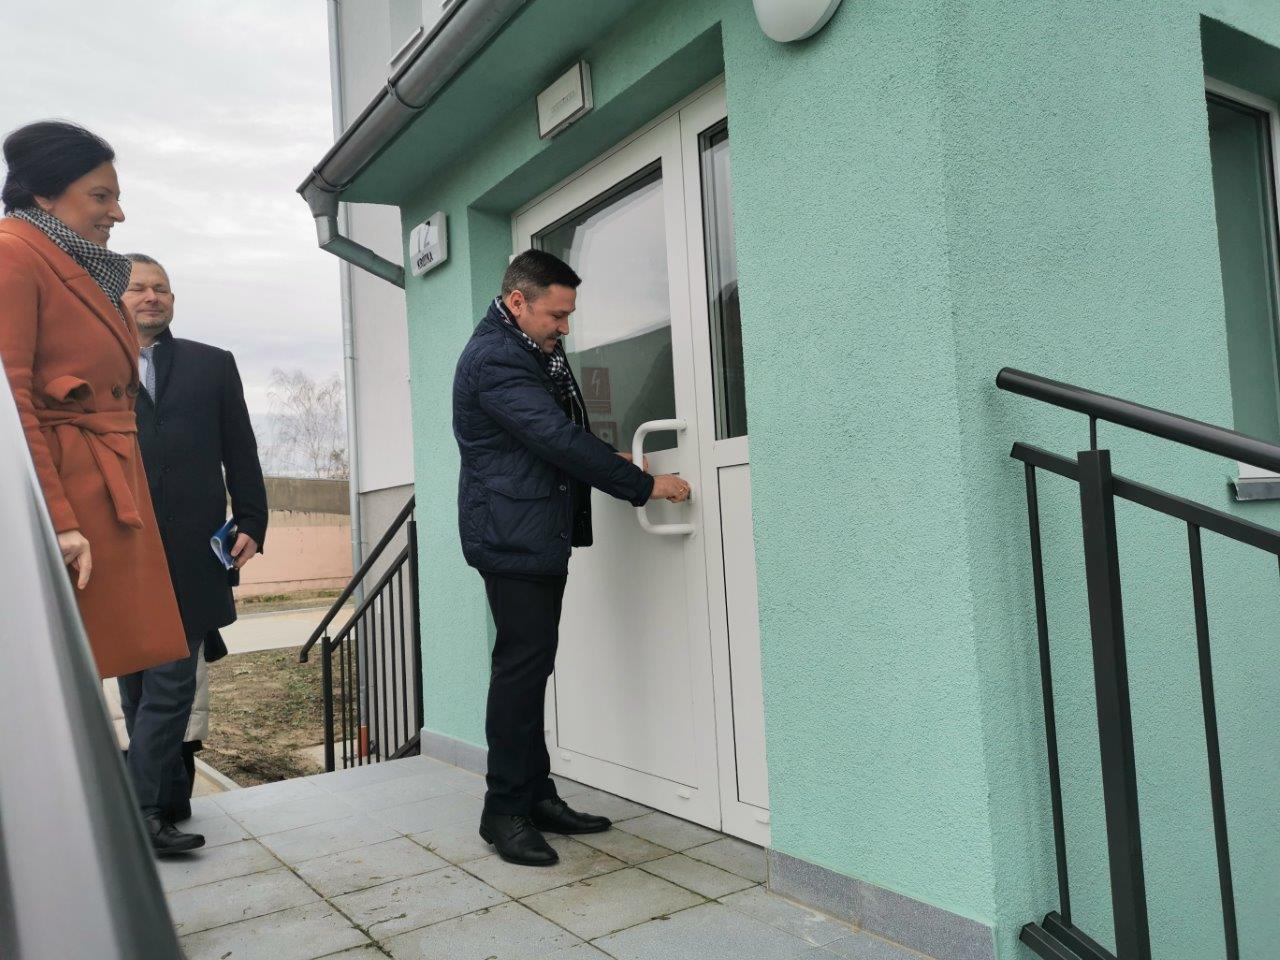 Wielka radość. Gmina ma nowy budynek z mieszkaniami socjalnymi!